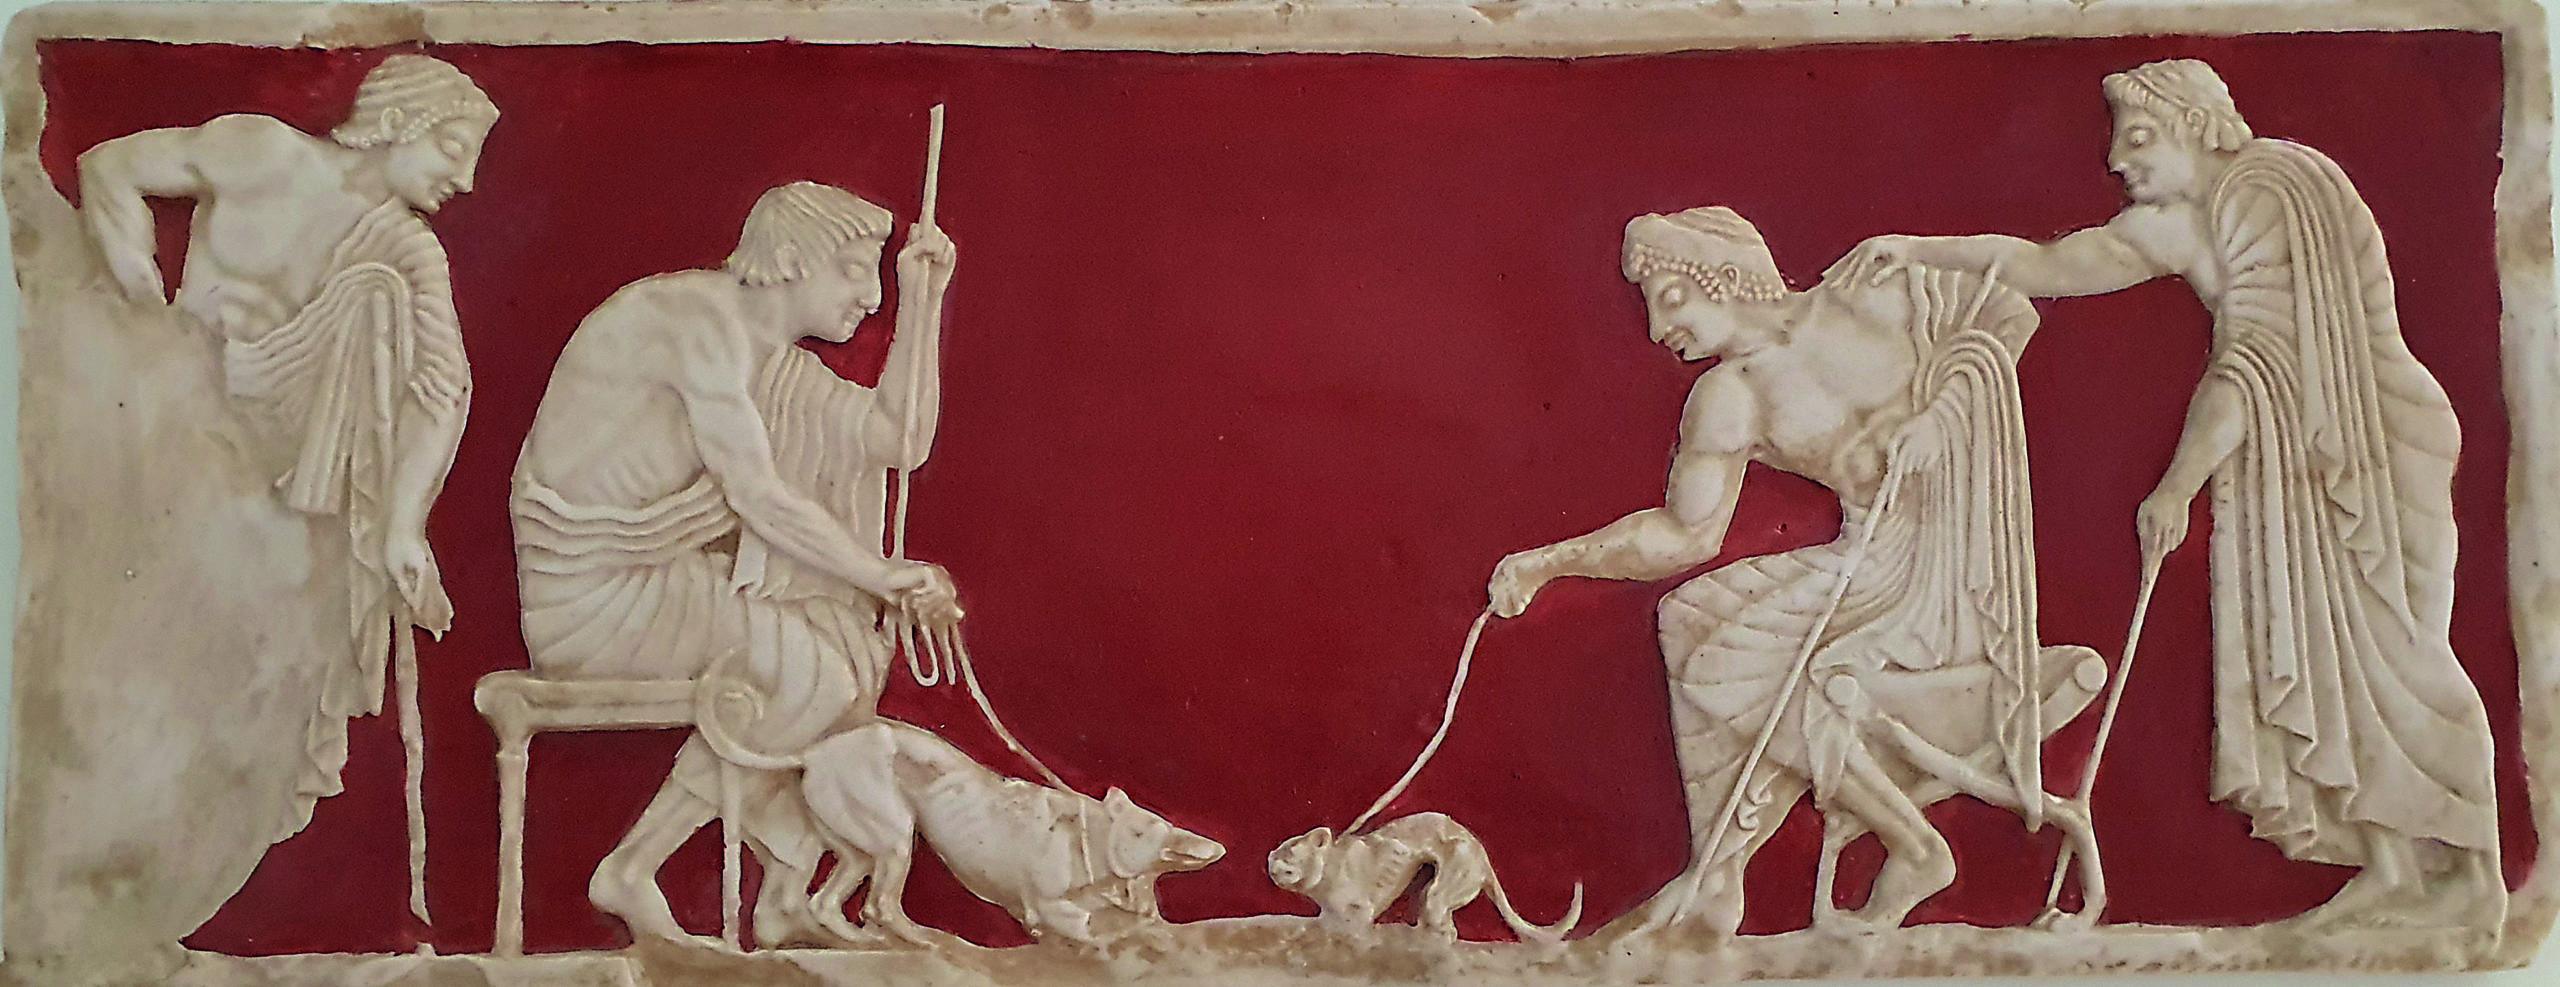 Wie die Katzen die antike Welt eroberten